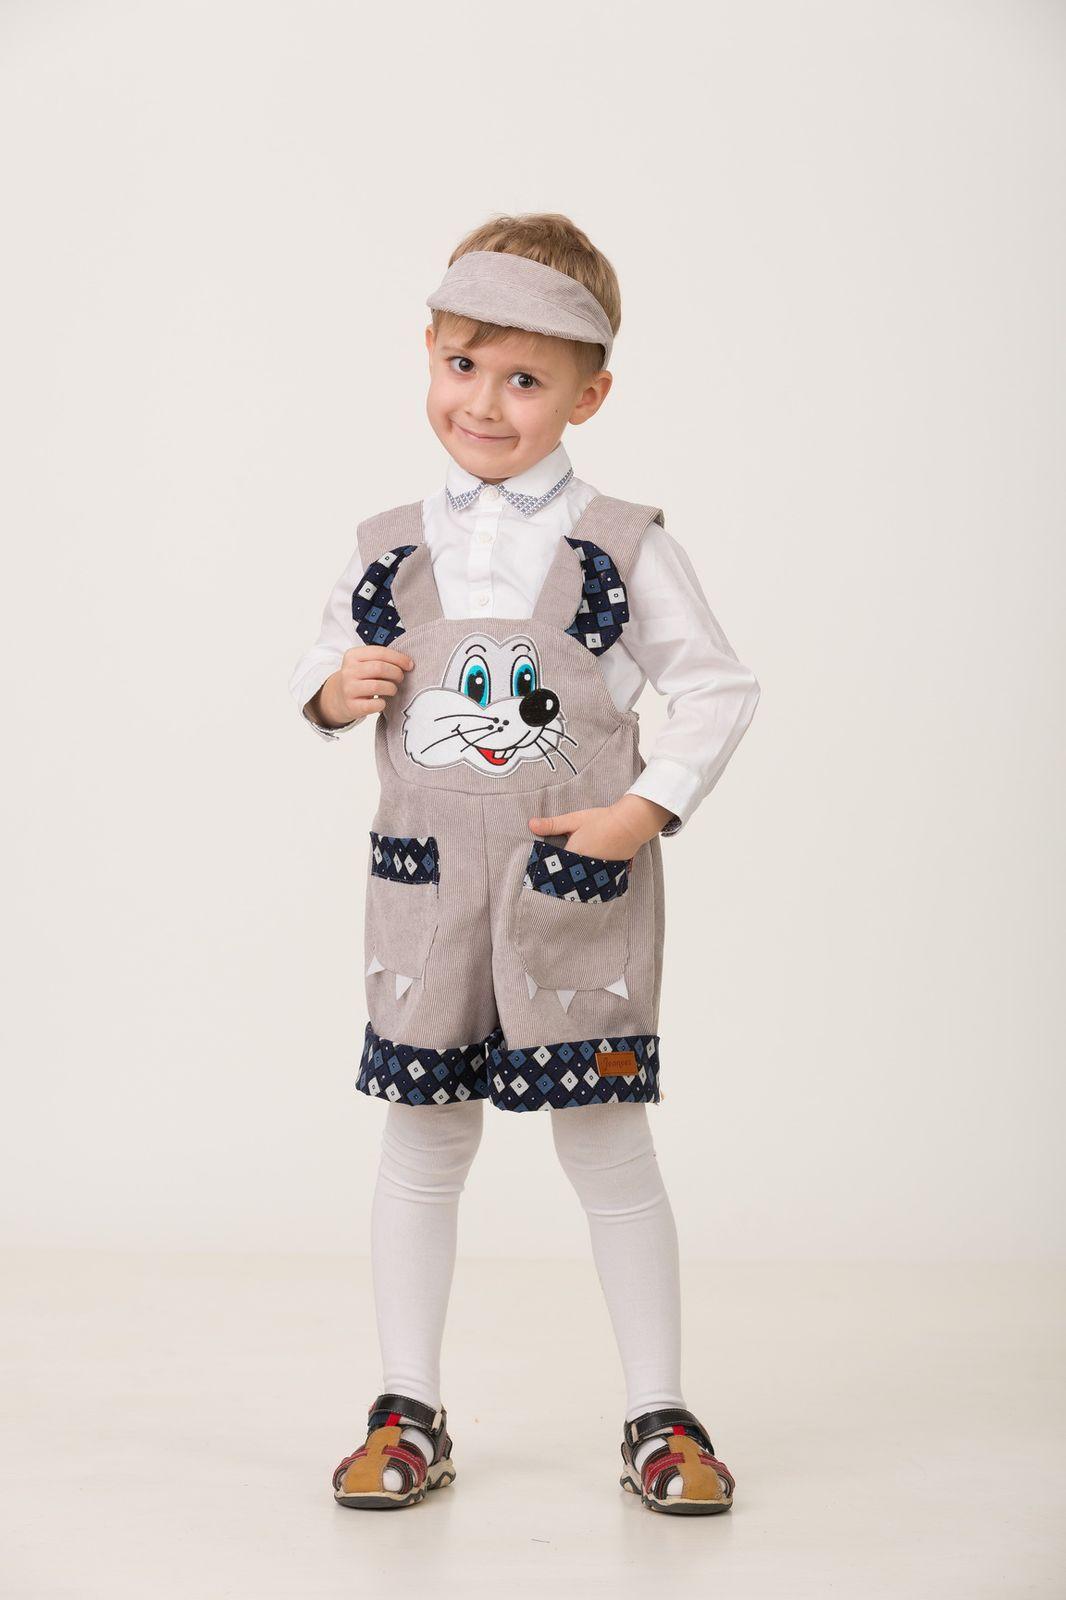 Карнавальный костюм Jeanees Мышонок Масик, цвет: серый. Размер: 24 карнавальный костюм jeanees мышонок масик цвет серый размер 24